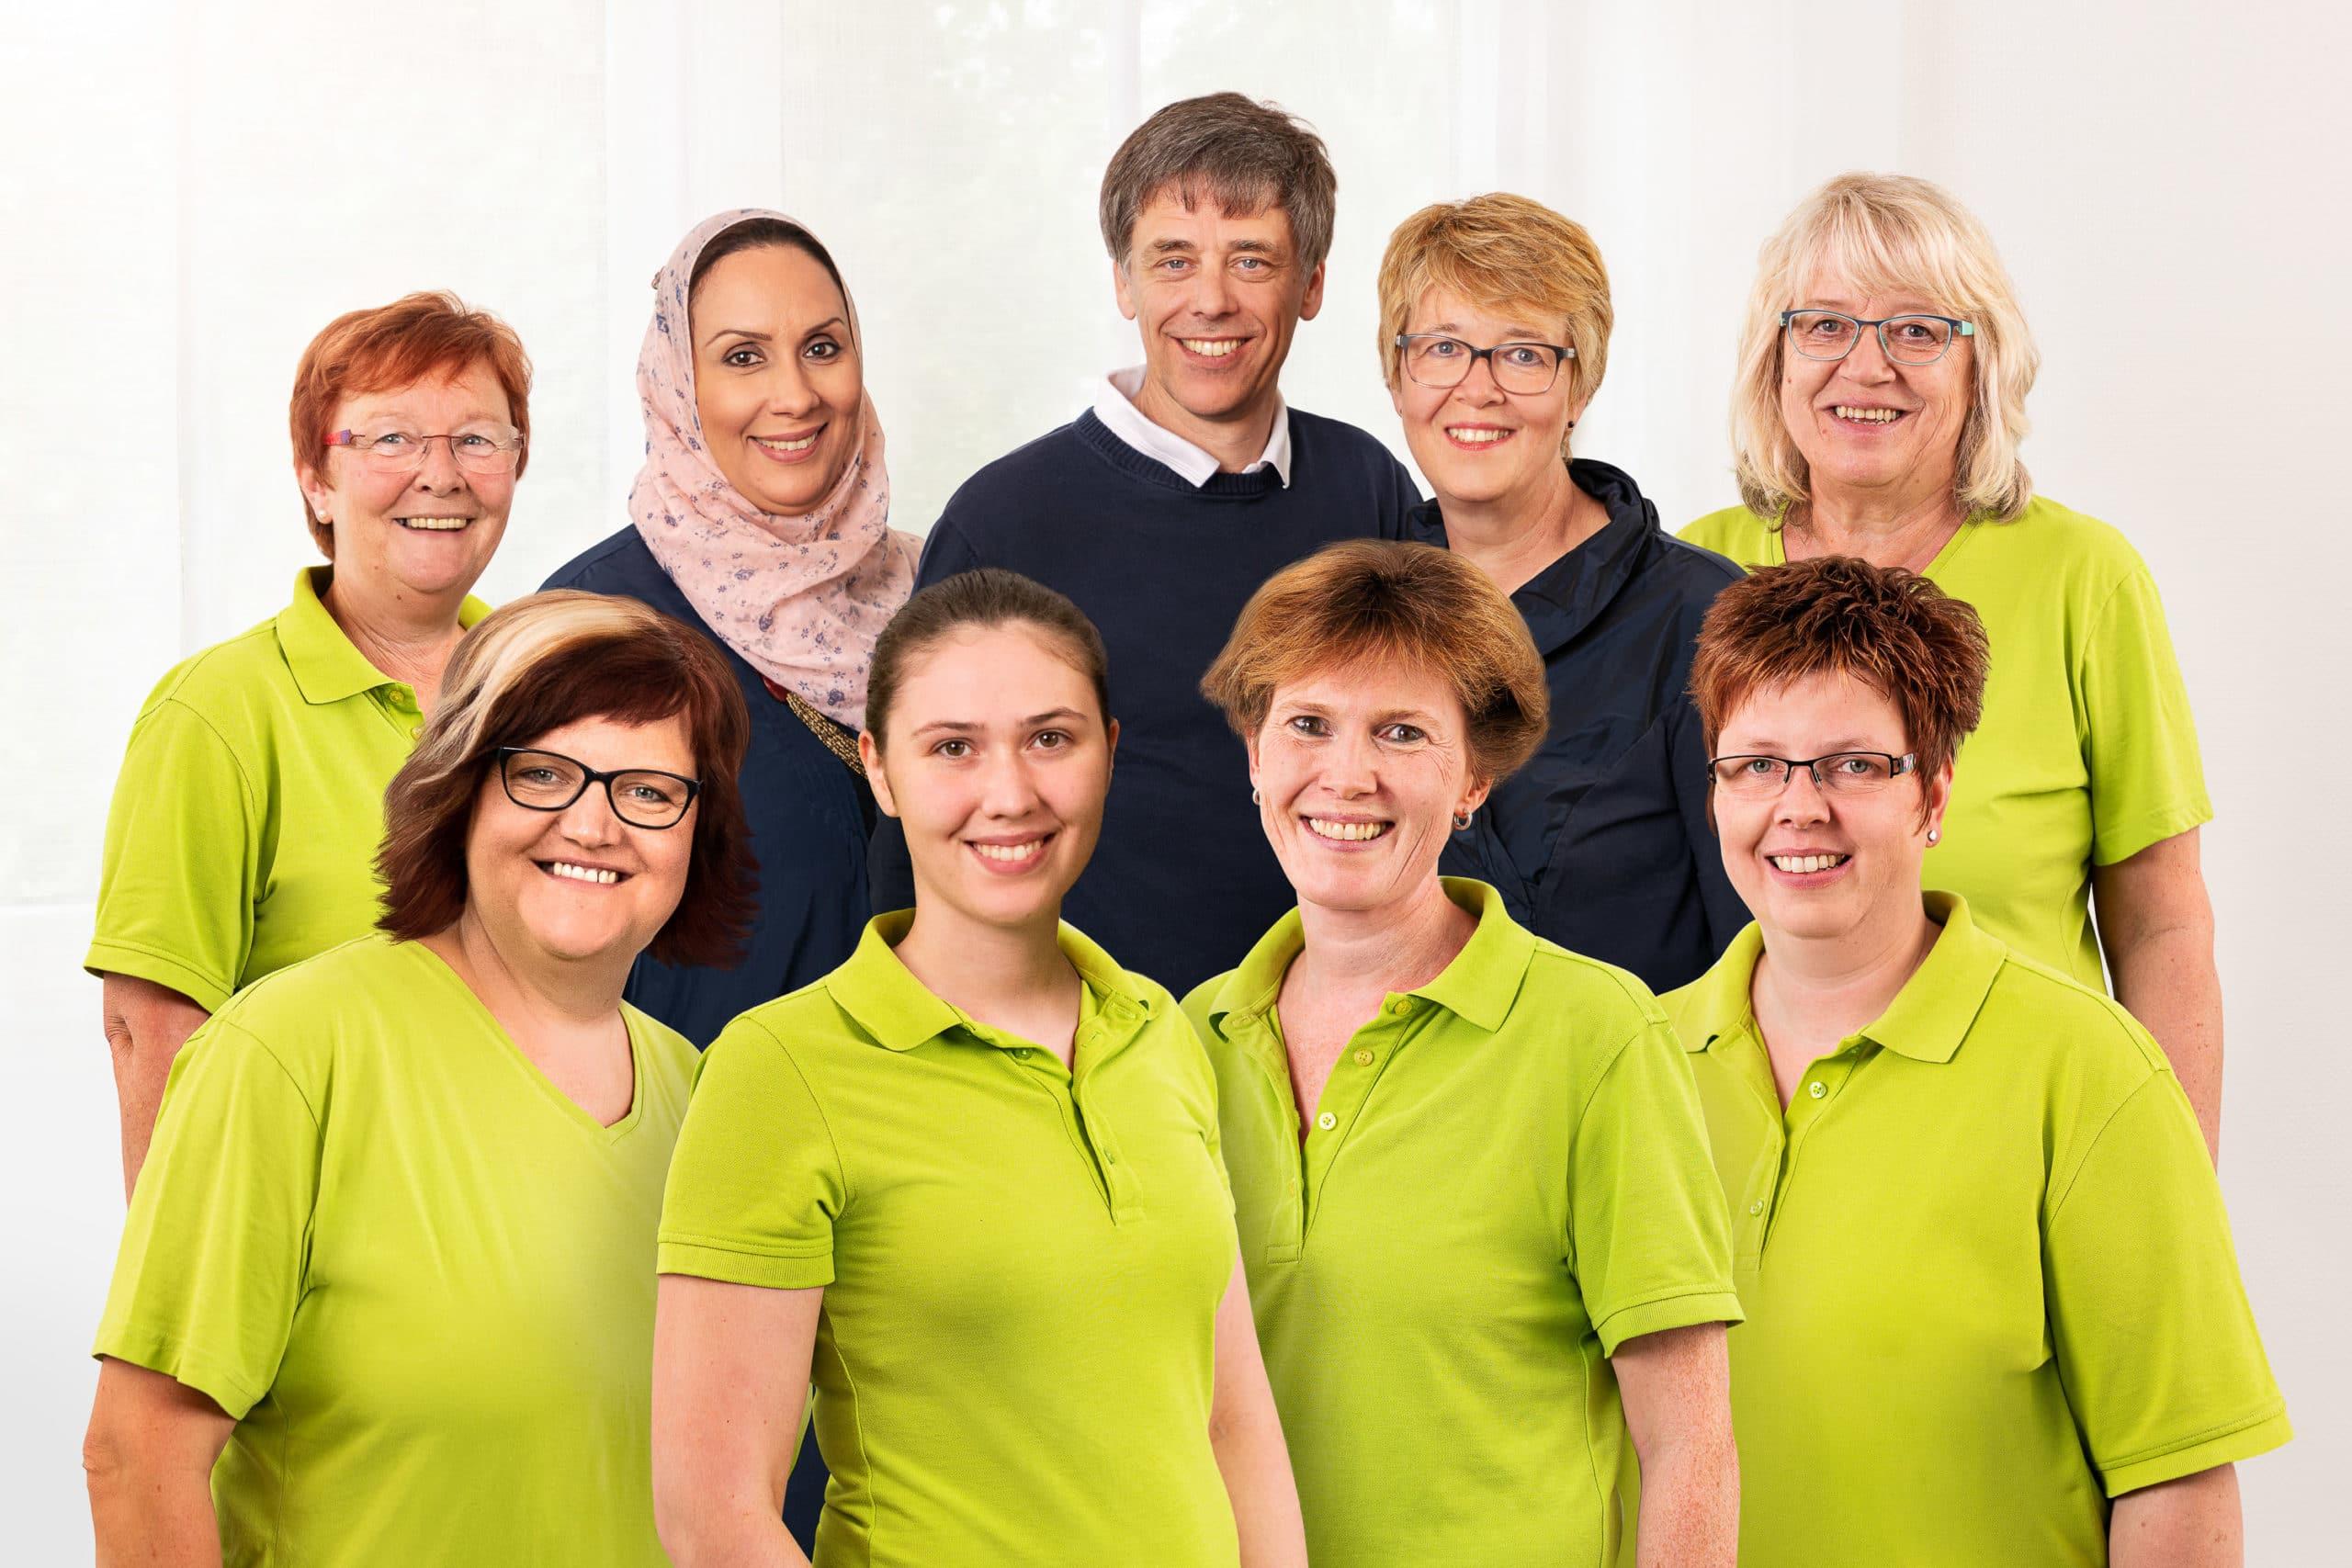 Freundliches Teamfoto der Belegschaft einer Arztpraxis im Teutoburger Wald |Portraitfotograf in der Region Osnabrück Münster Bielefeld für Mitarbeiterfotografie und Teambilder